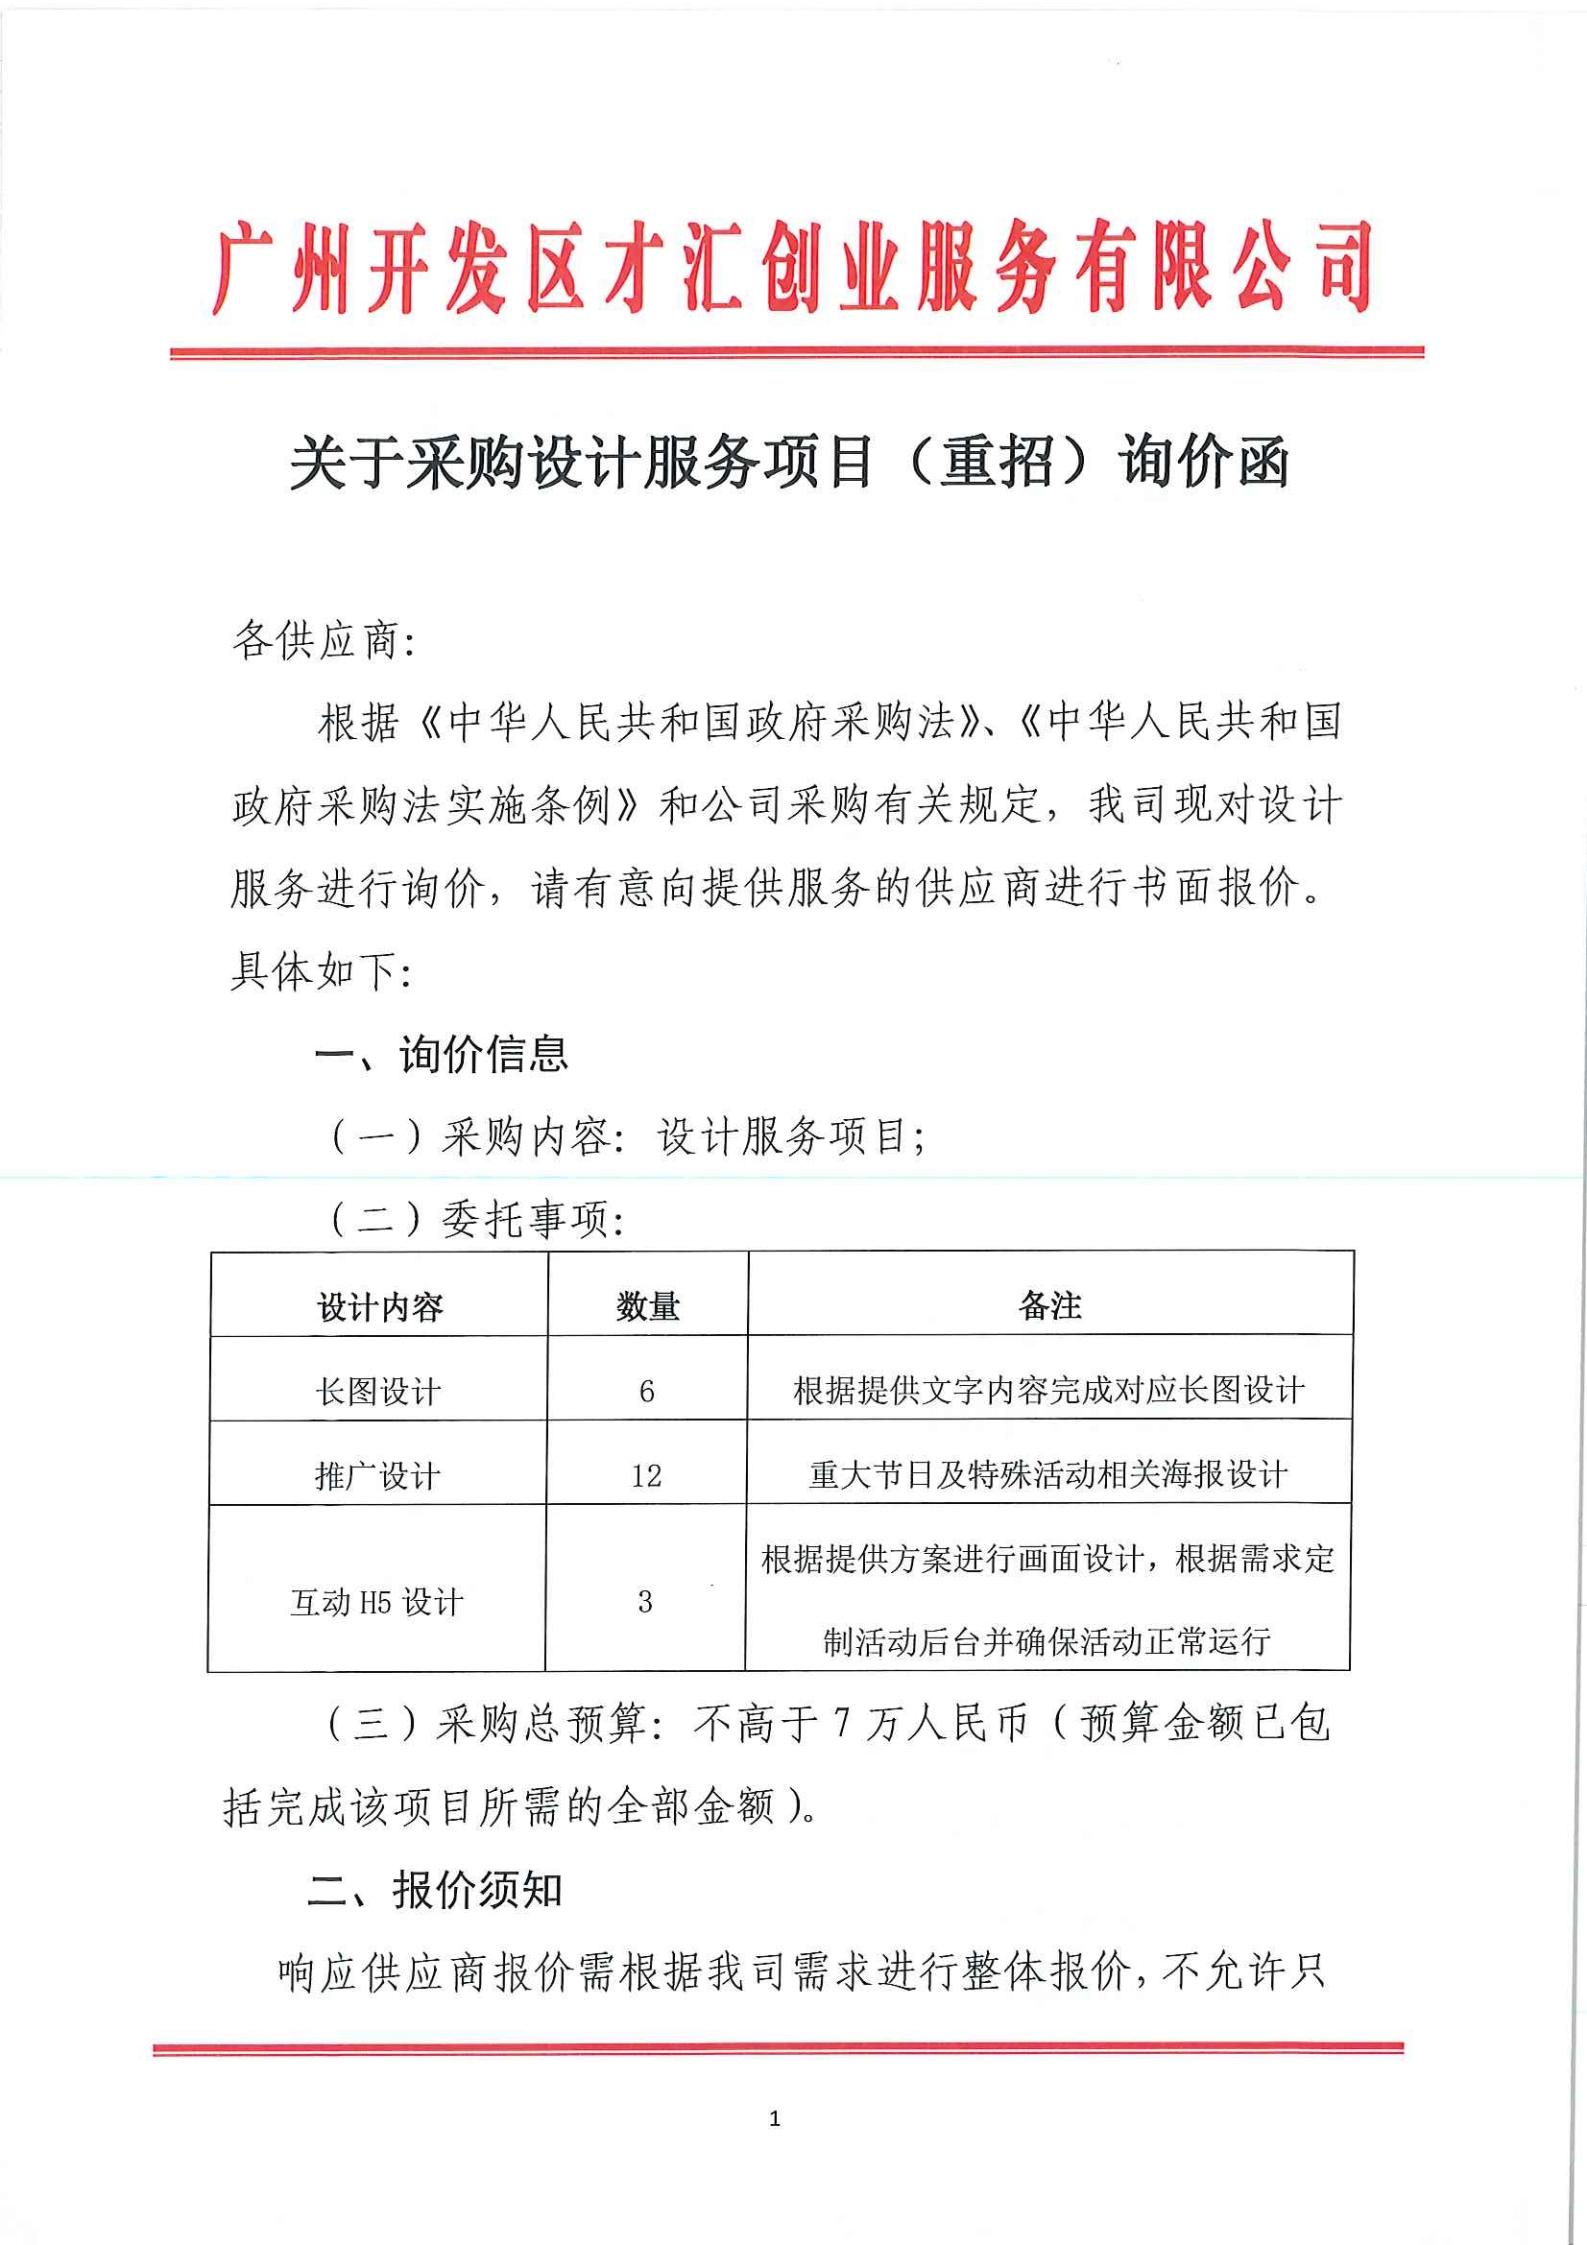 20210413关于采购设计服务项目(重招)询价函_00.png